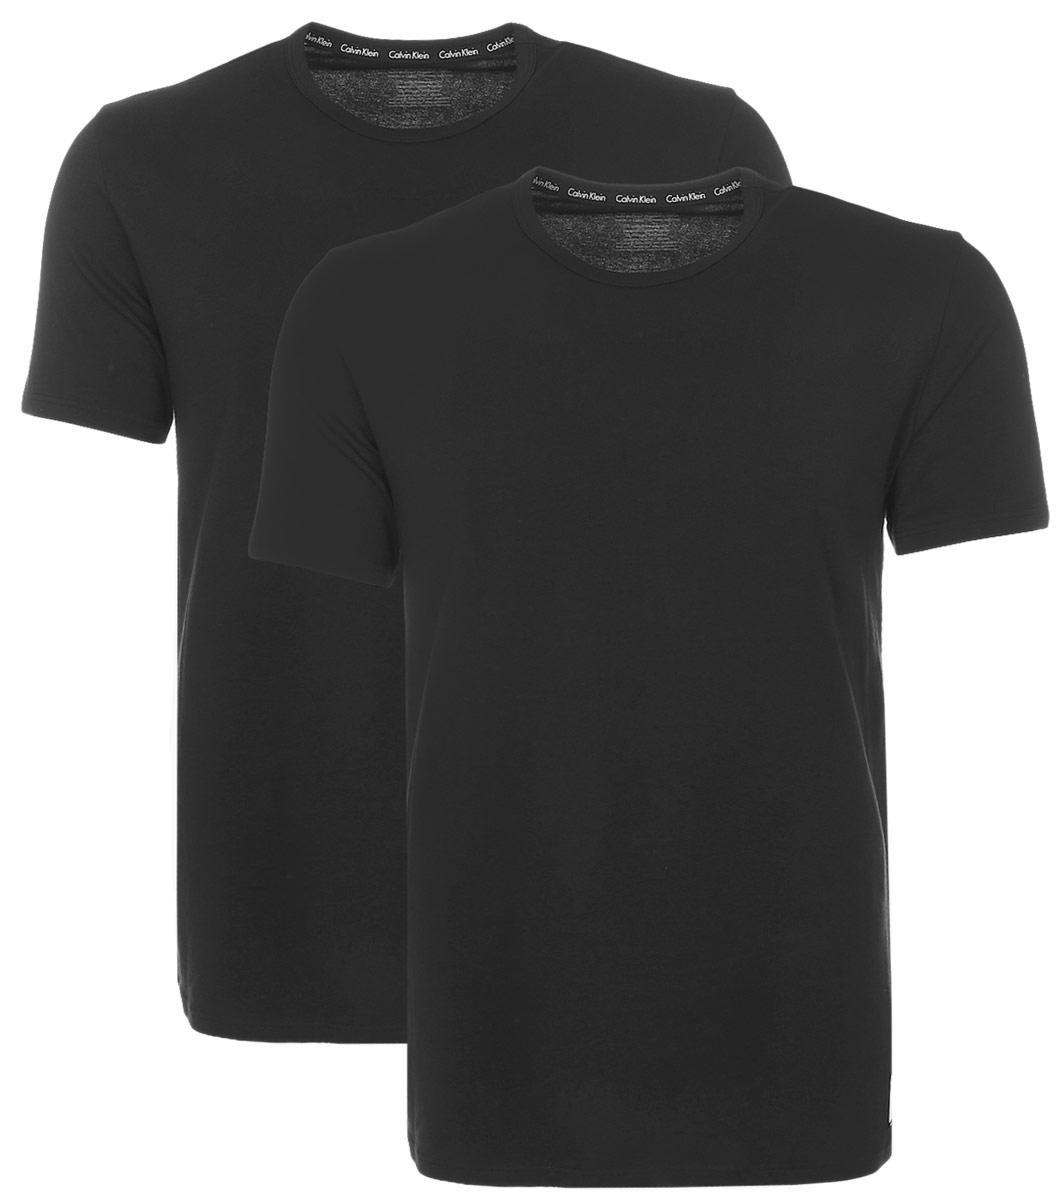 Футболка для домаNU8697AМужская футболка Calvin Klein Underwear изготовлена из натурального хлопка с добавлением эластана. Модель с круглой горловиной и короткими рукавами. Футболка дополнена квадратной нашивкой с названием бренда.